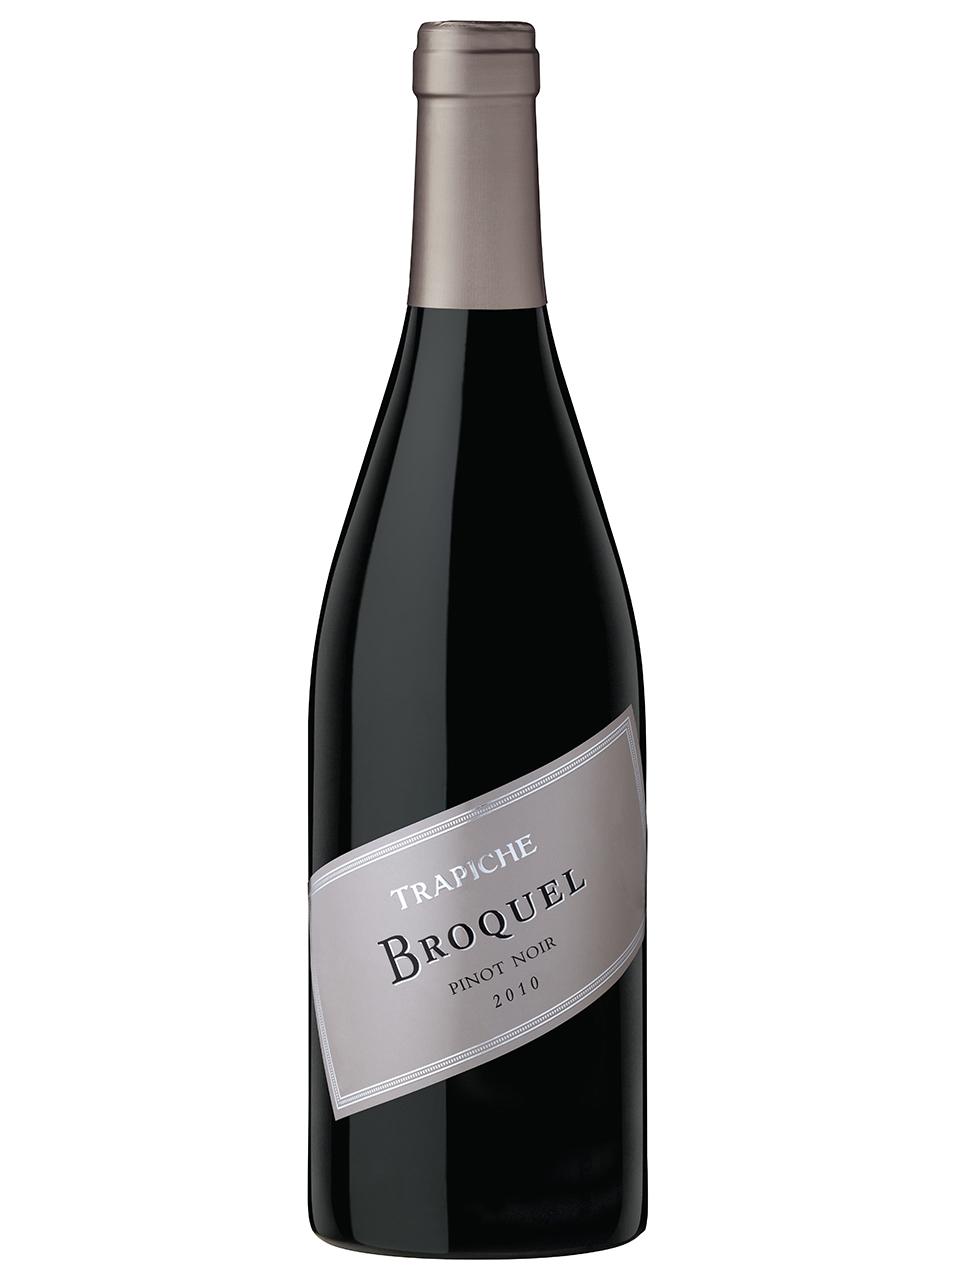 Trapiche Broquel Pinot Noir